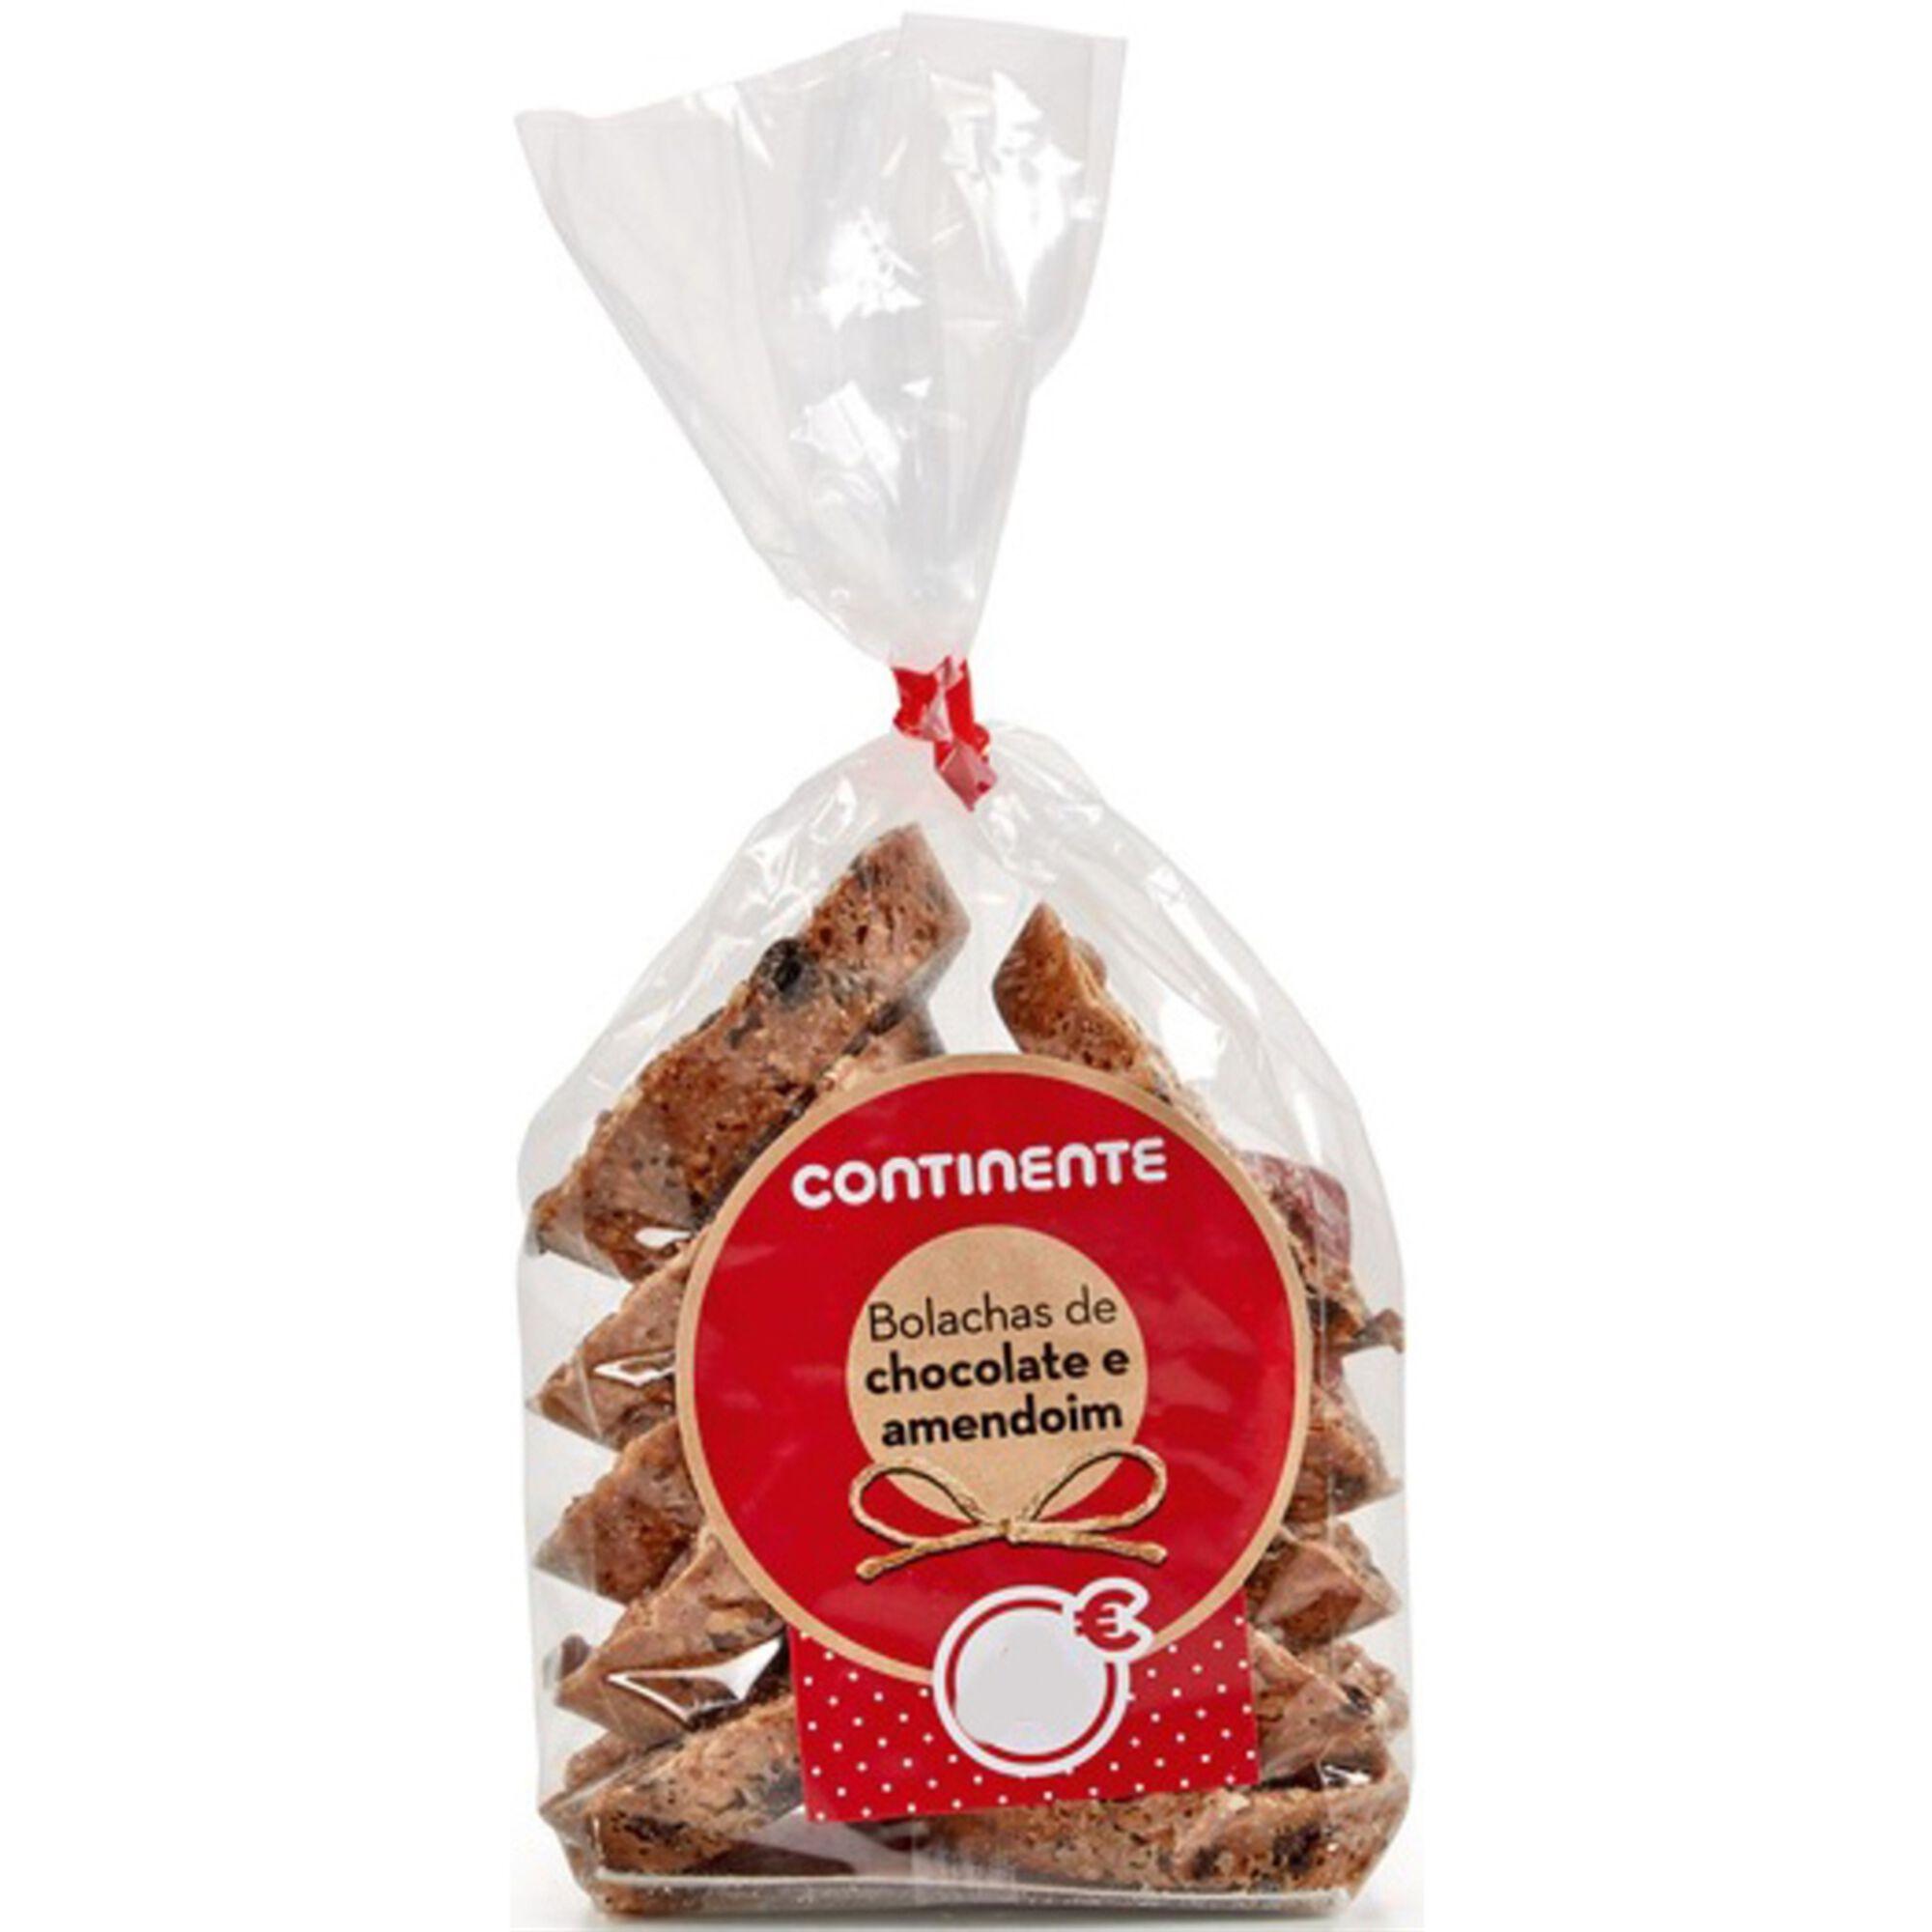 Bolachas Chocolate e Amendoim